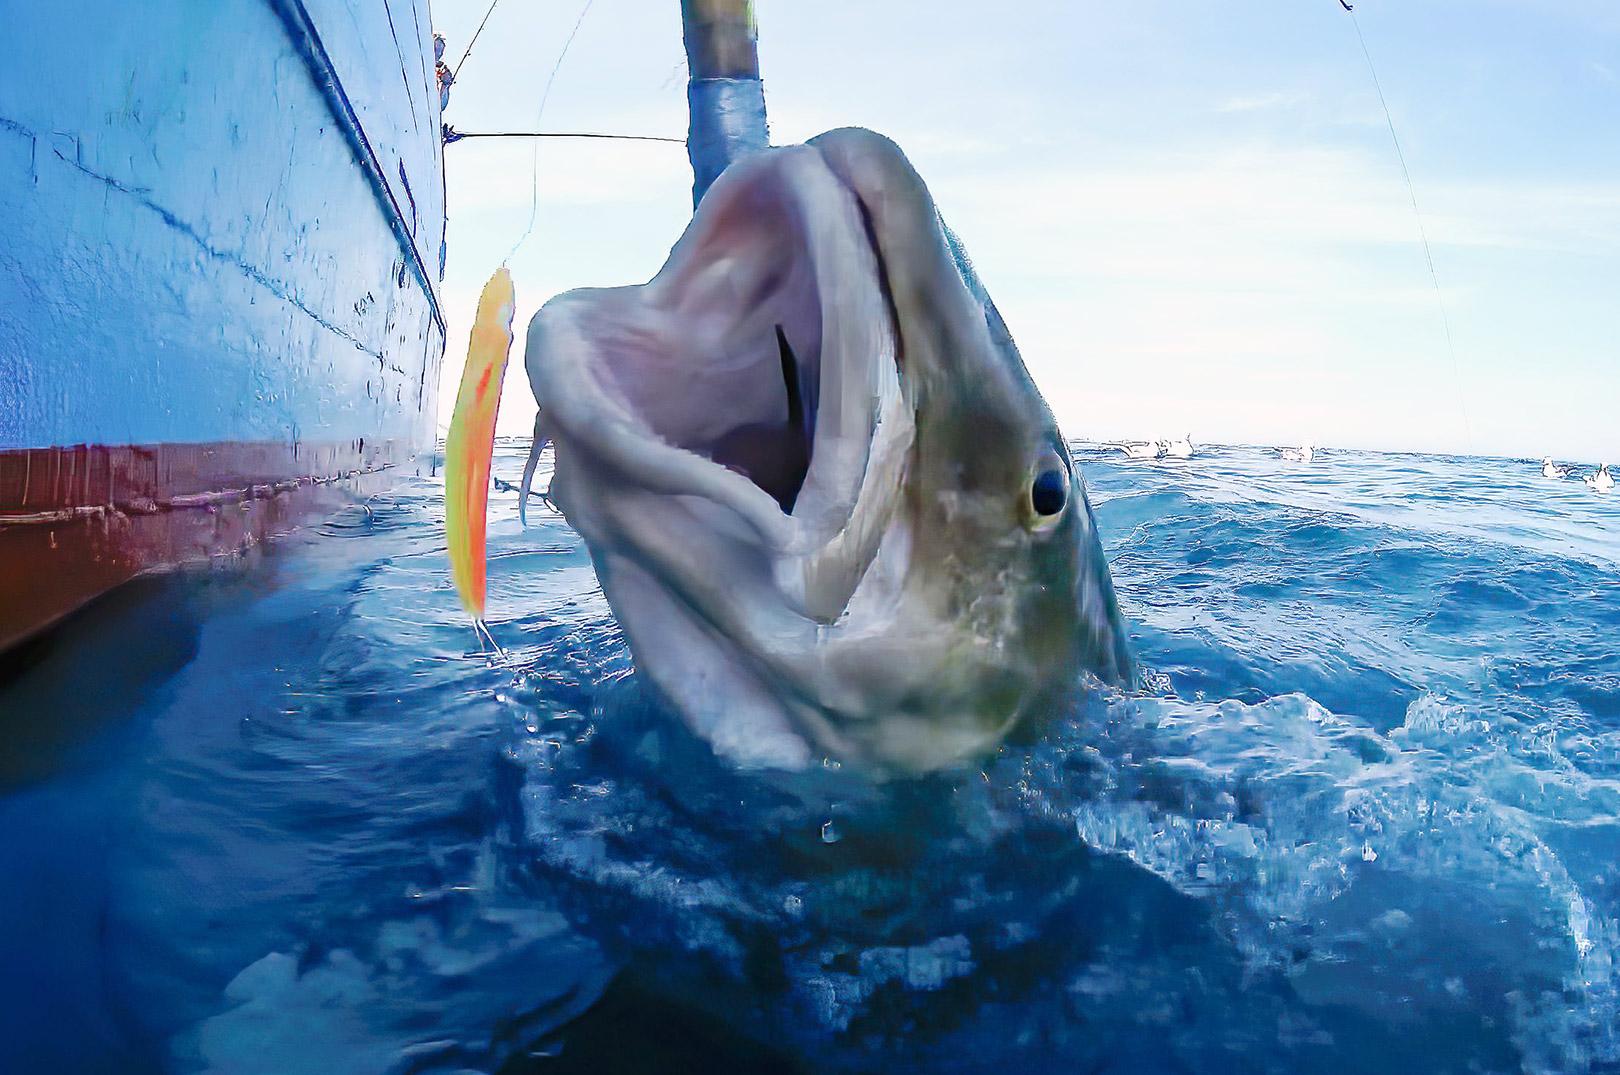 En flot torsk bryder overfladen